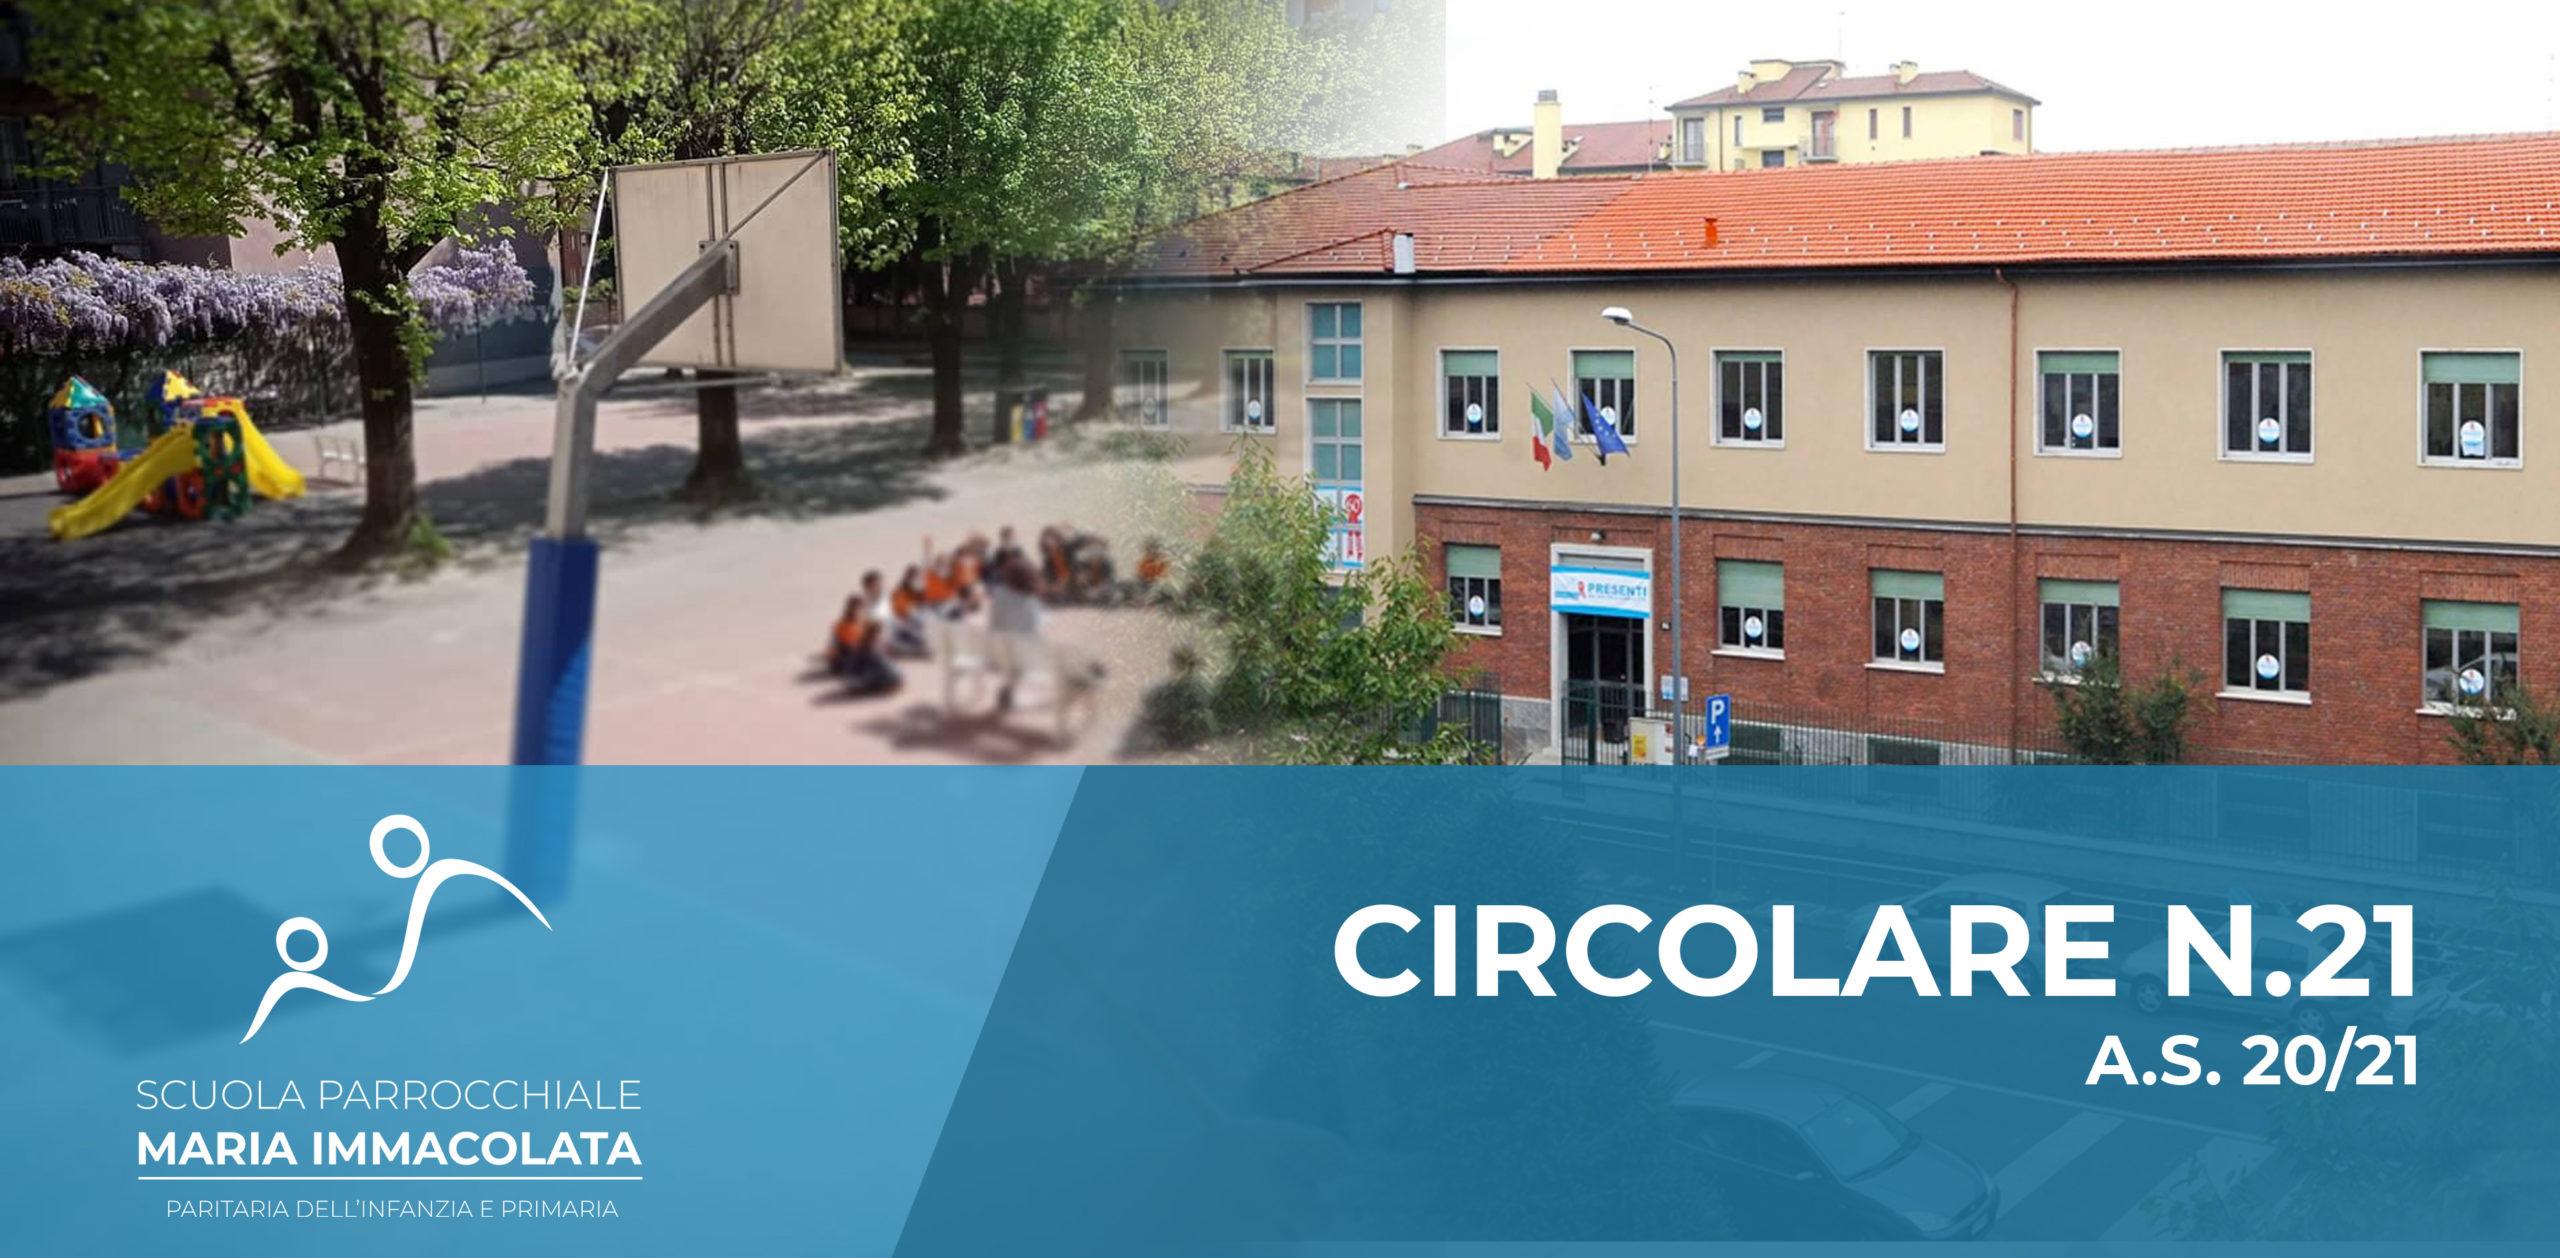 Circolare del 12 aprile 2021: Sorveglianza Covid19, mobilitazione del 19 aprile e Progetto polo educativo